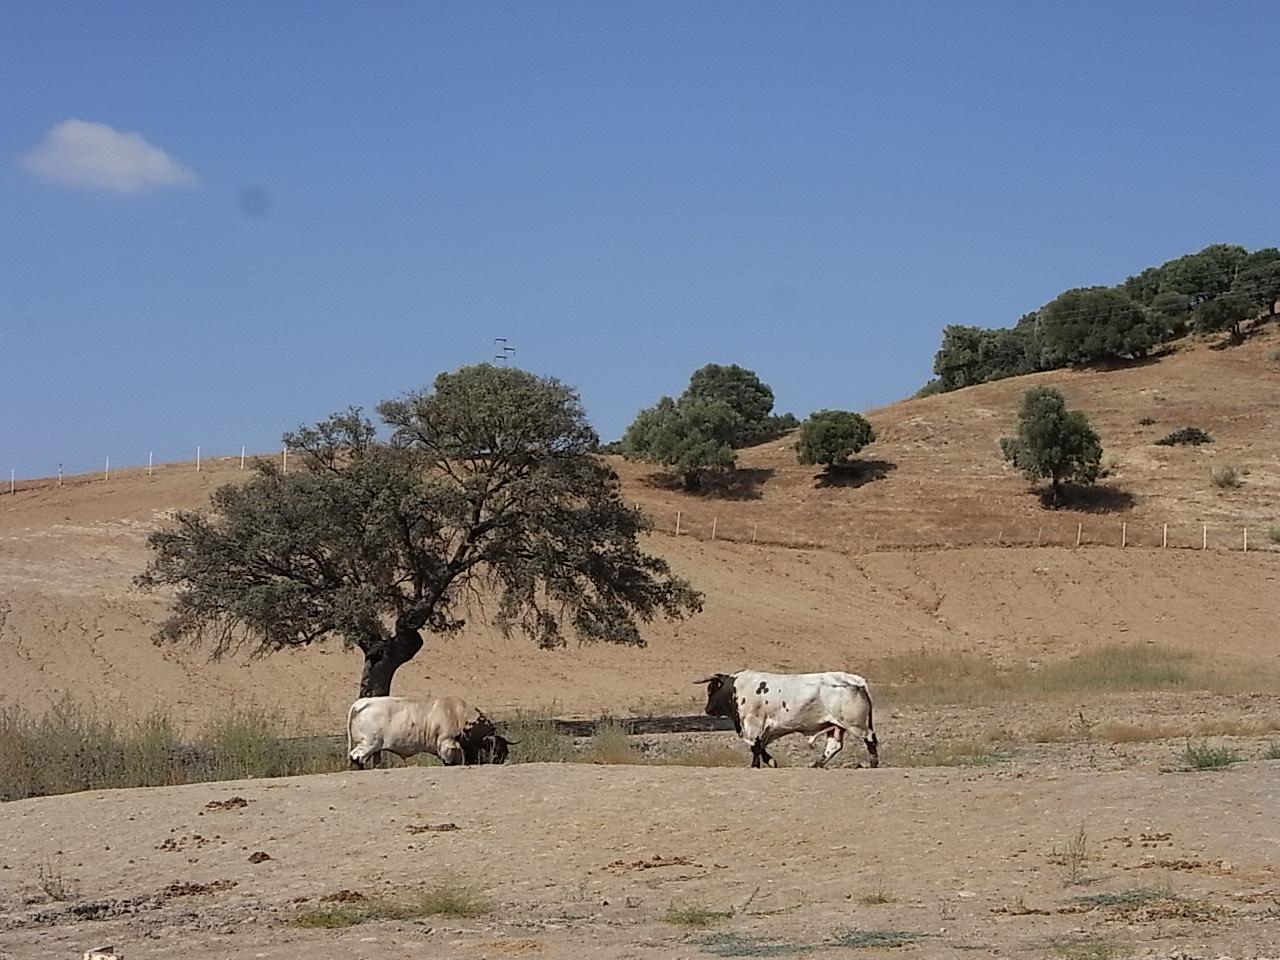 urubu parapente photo algodonales1 toro.